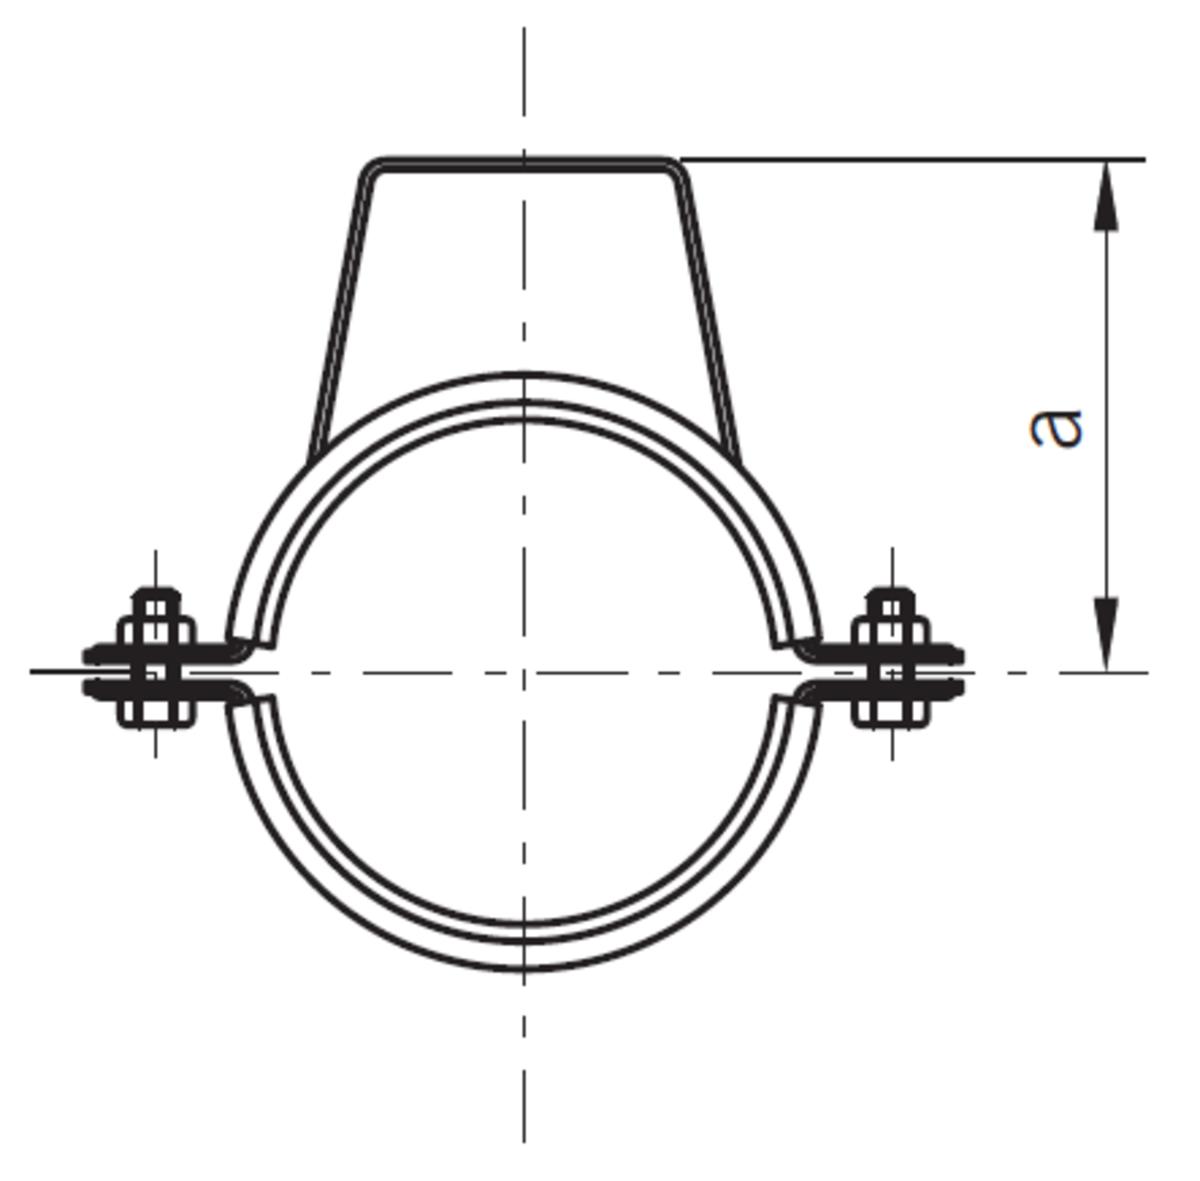 Esquema técnico general do suporte para fixação com estribo da tubagem PIPE, realizada em aço inoxidável.